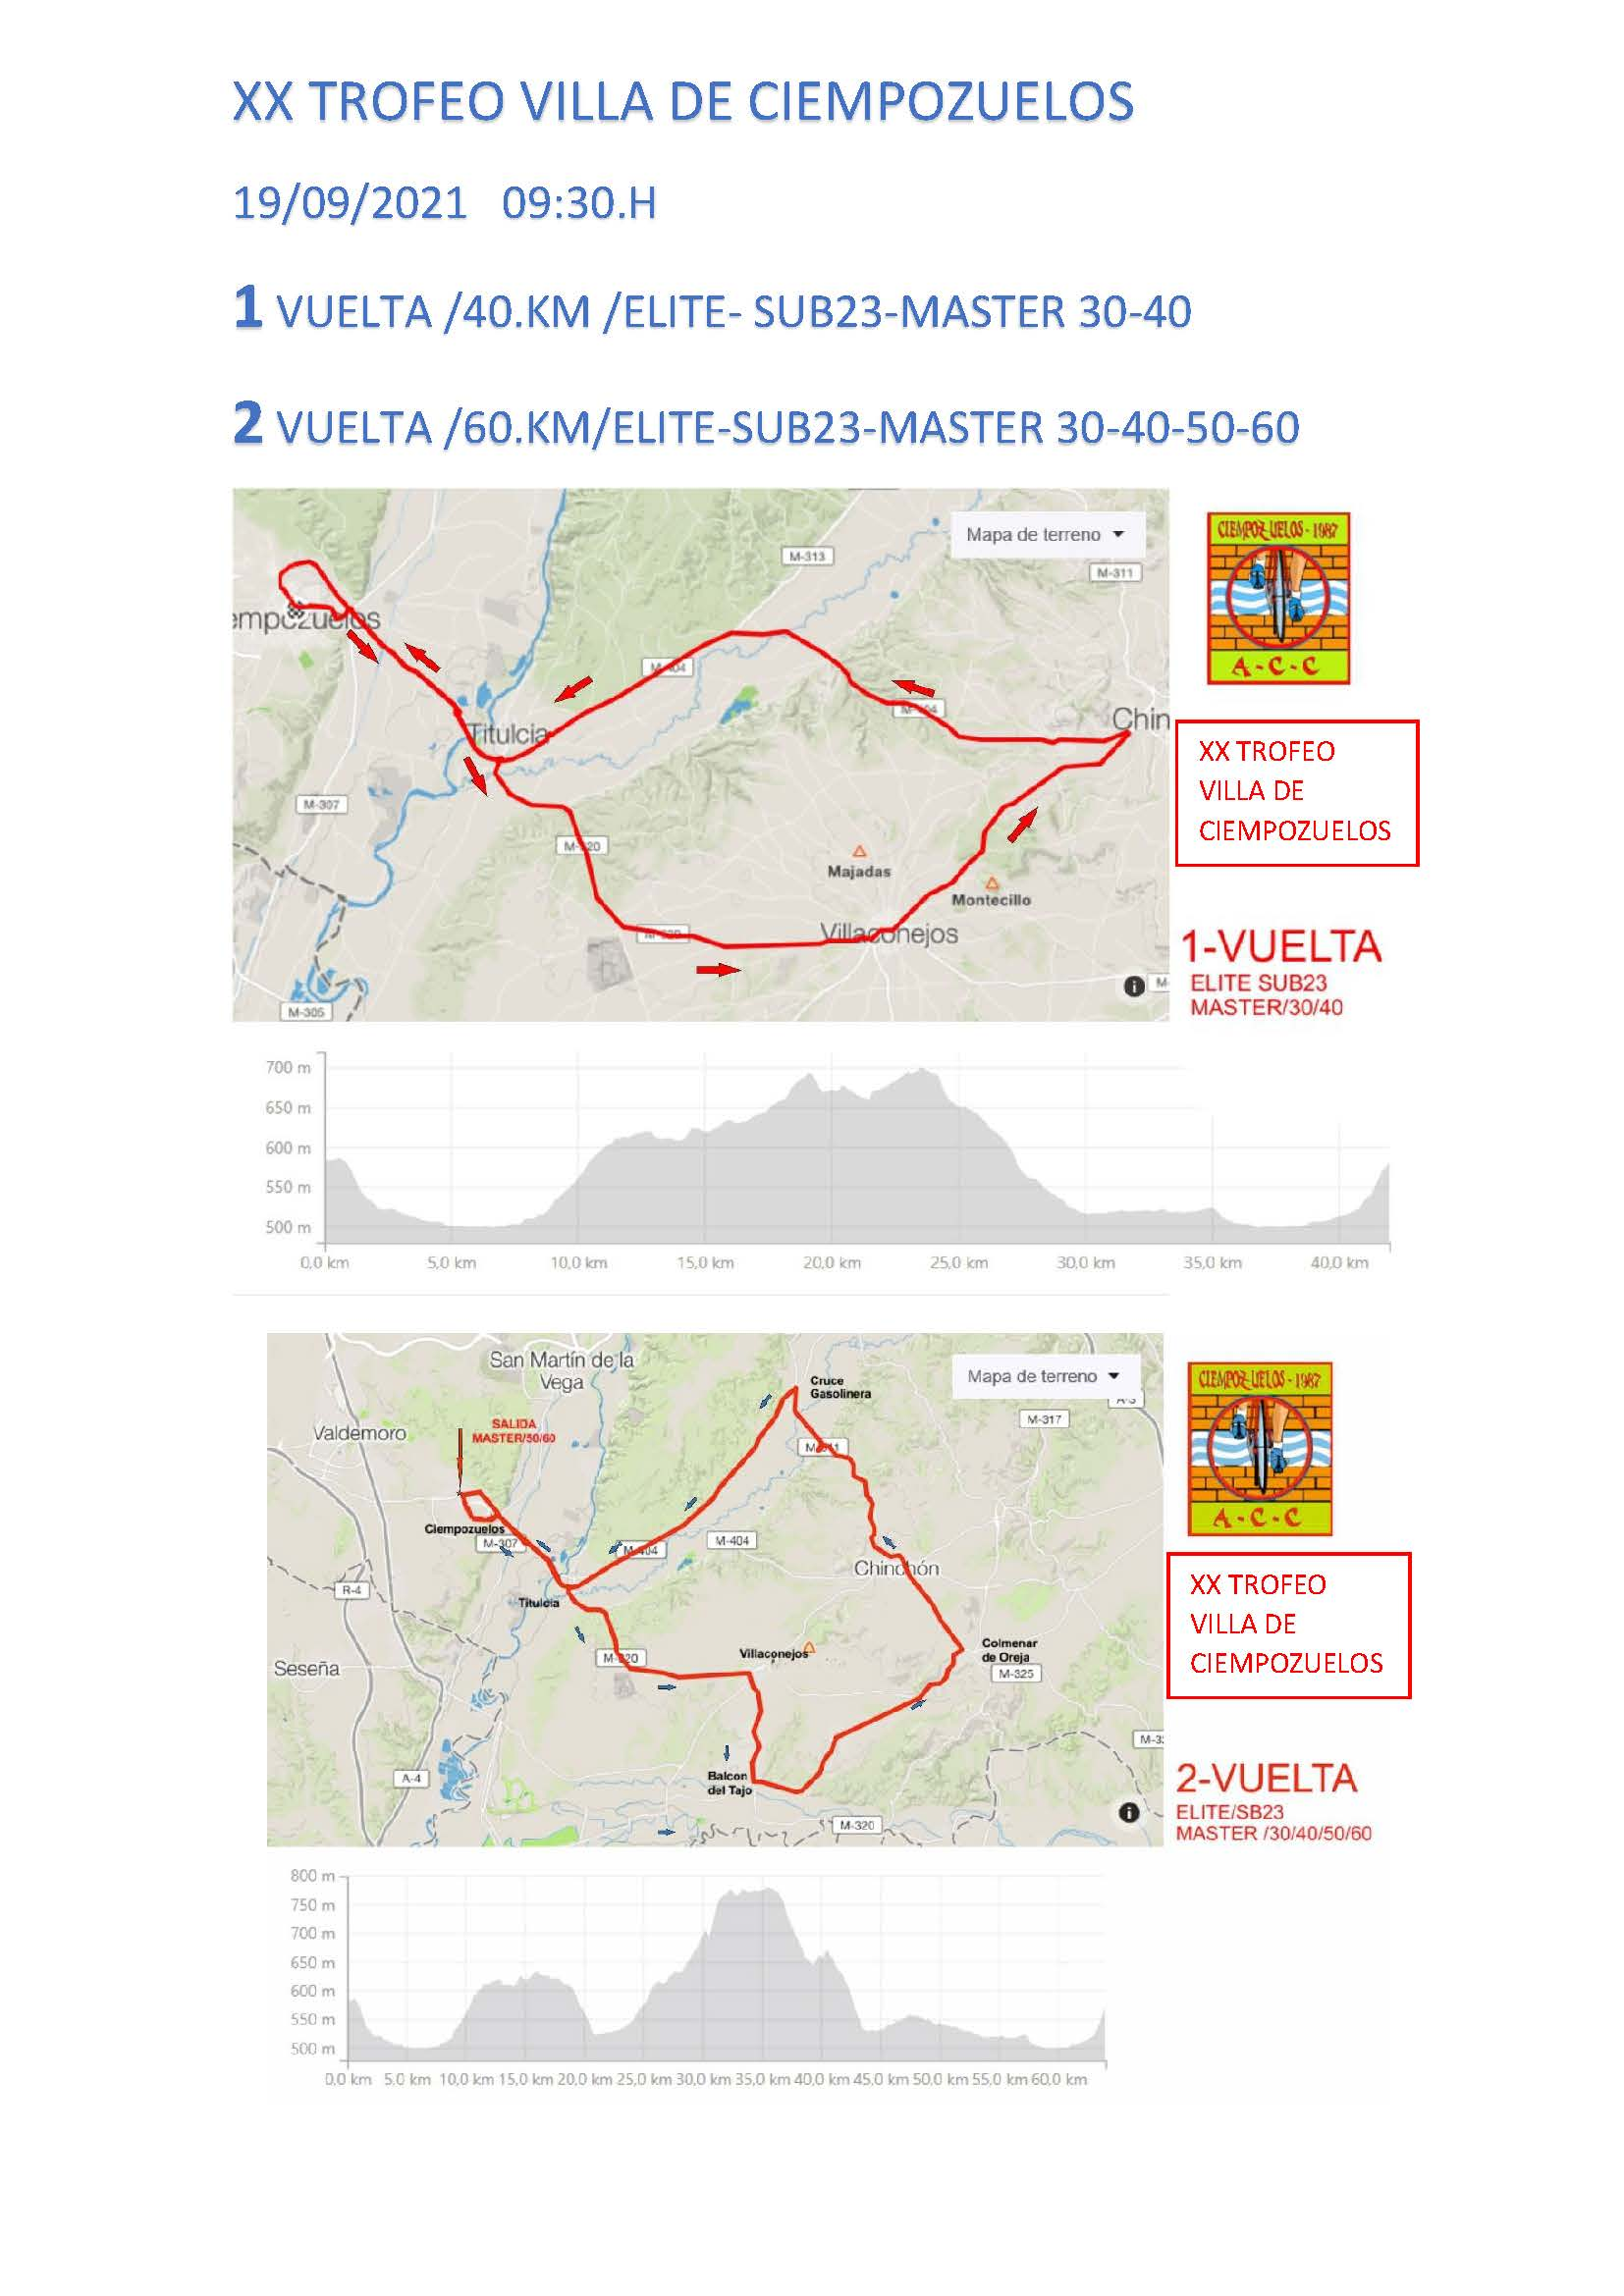 El XX Trofeo Villa de Ciempozuelos pone en juego los Campeonatos de Madrid de ruta para máster